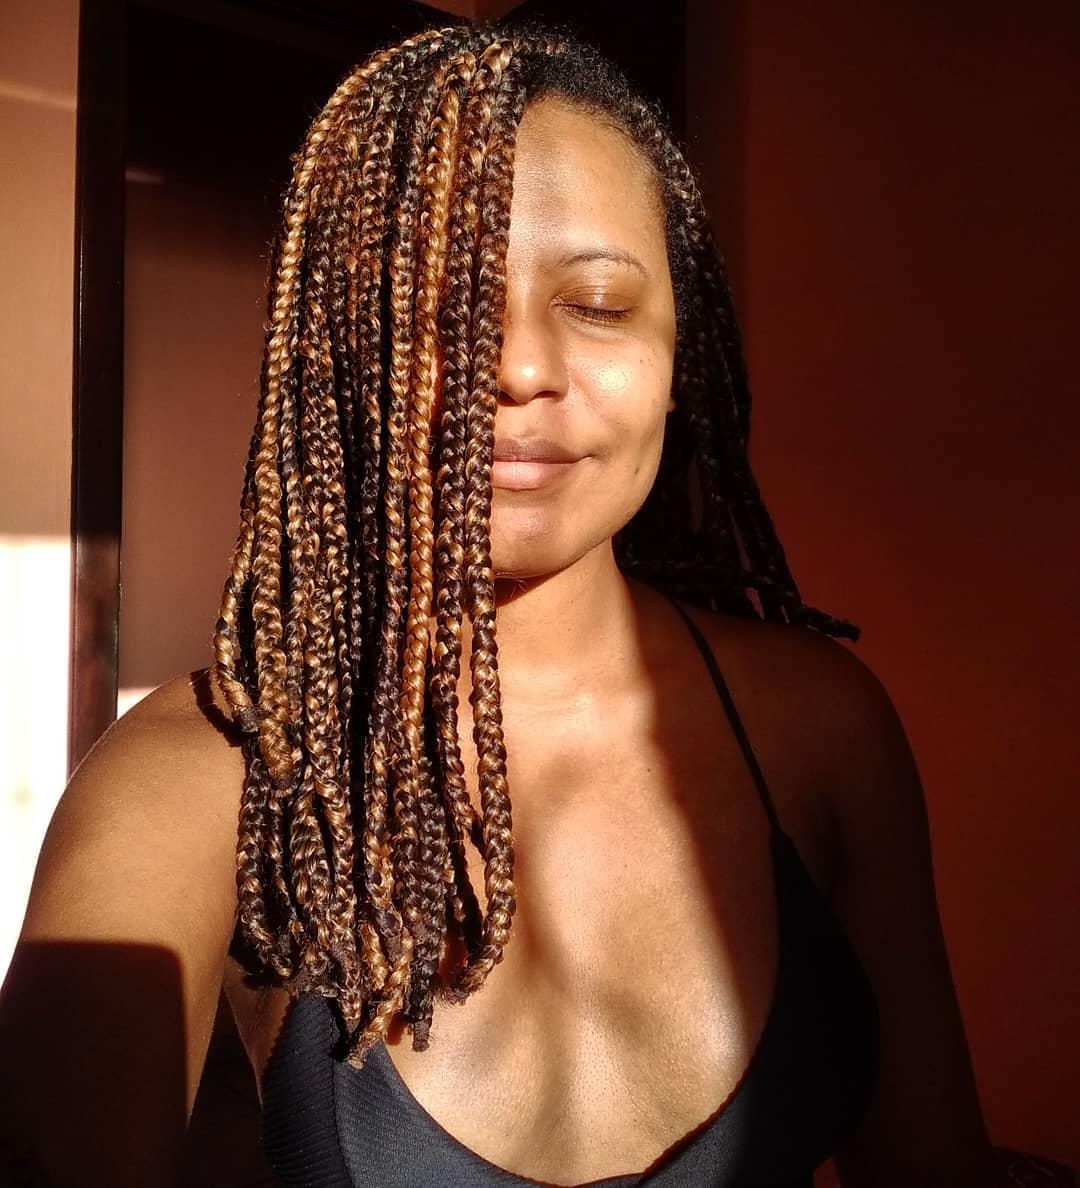 Sun - My Ruanda